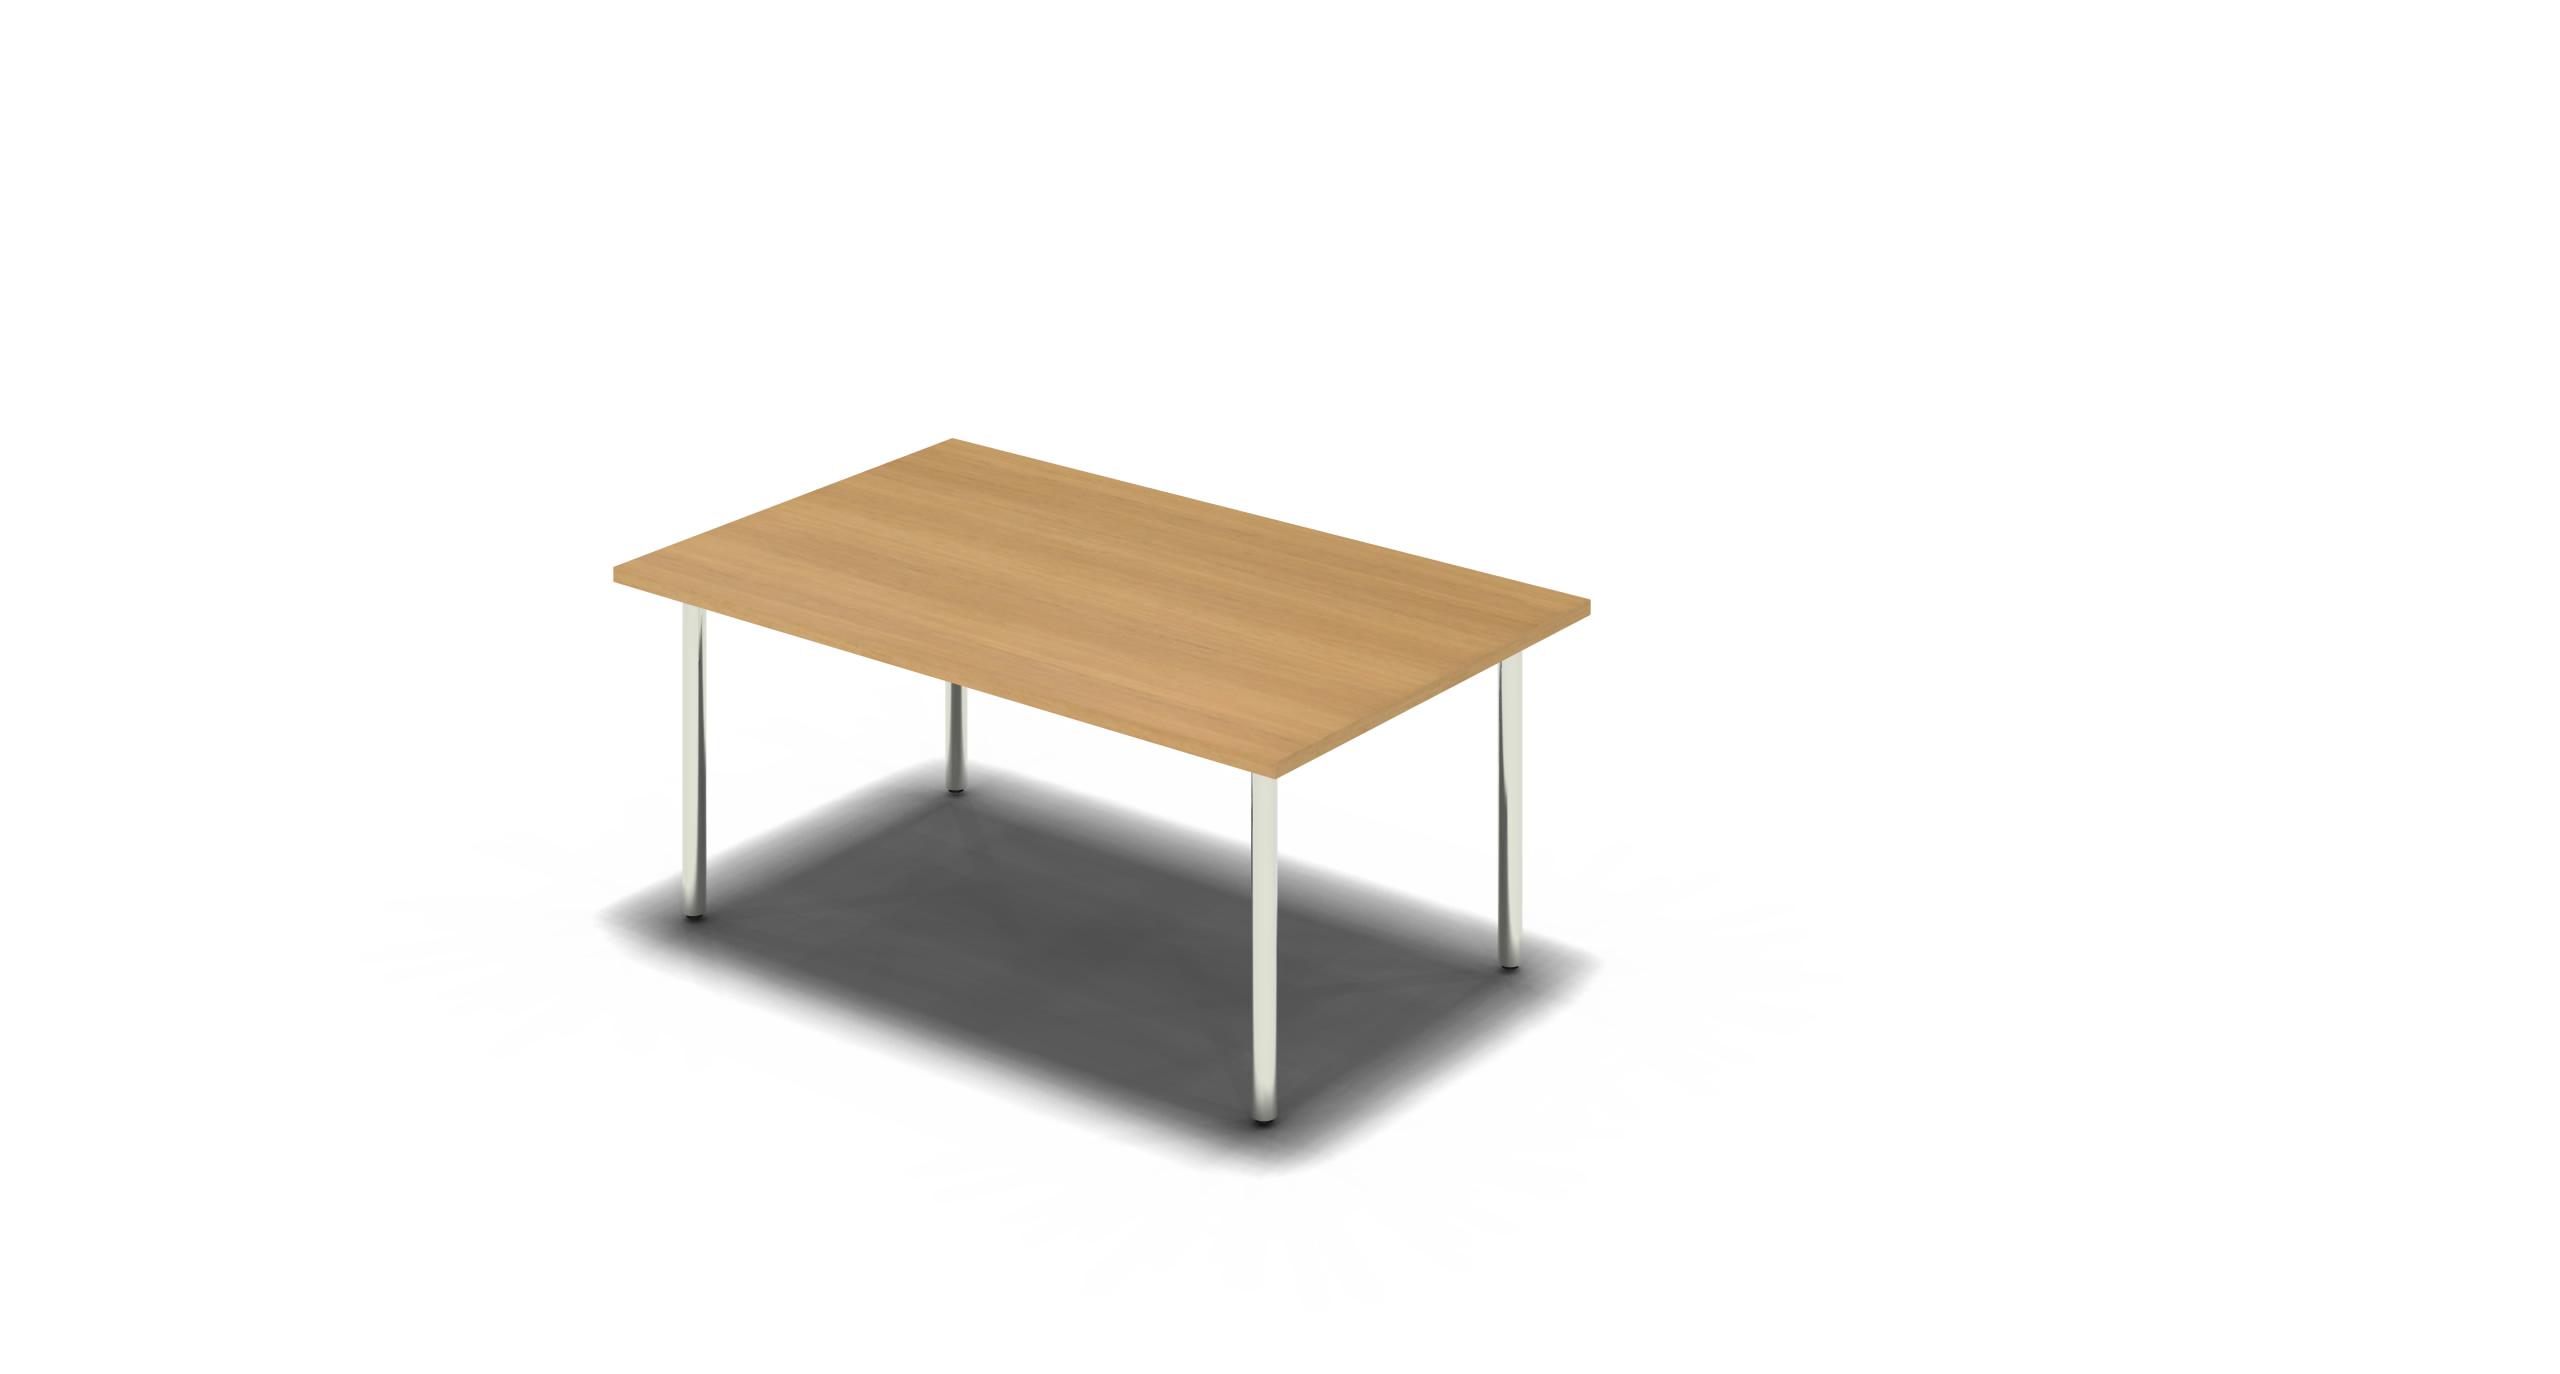 Table_Round_1500x900_Chrome_Oak_noOption